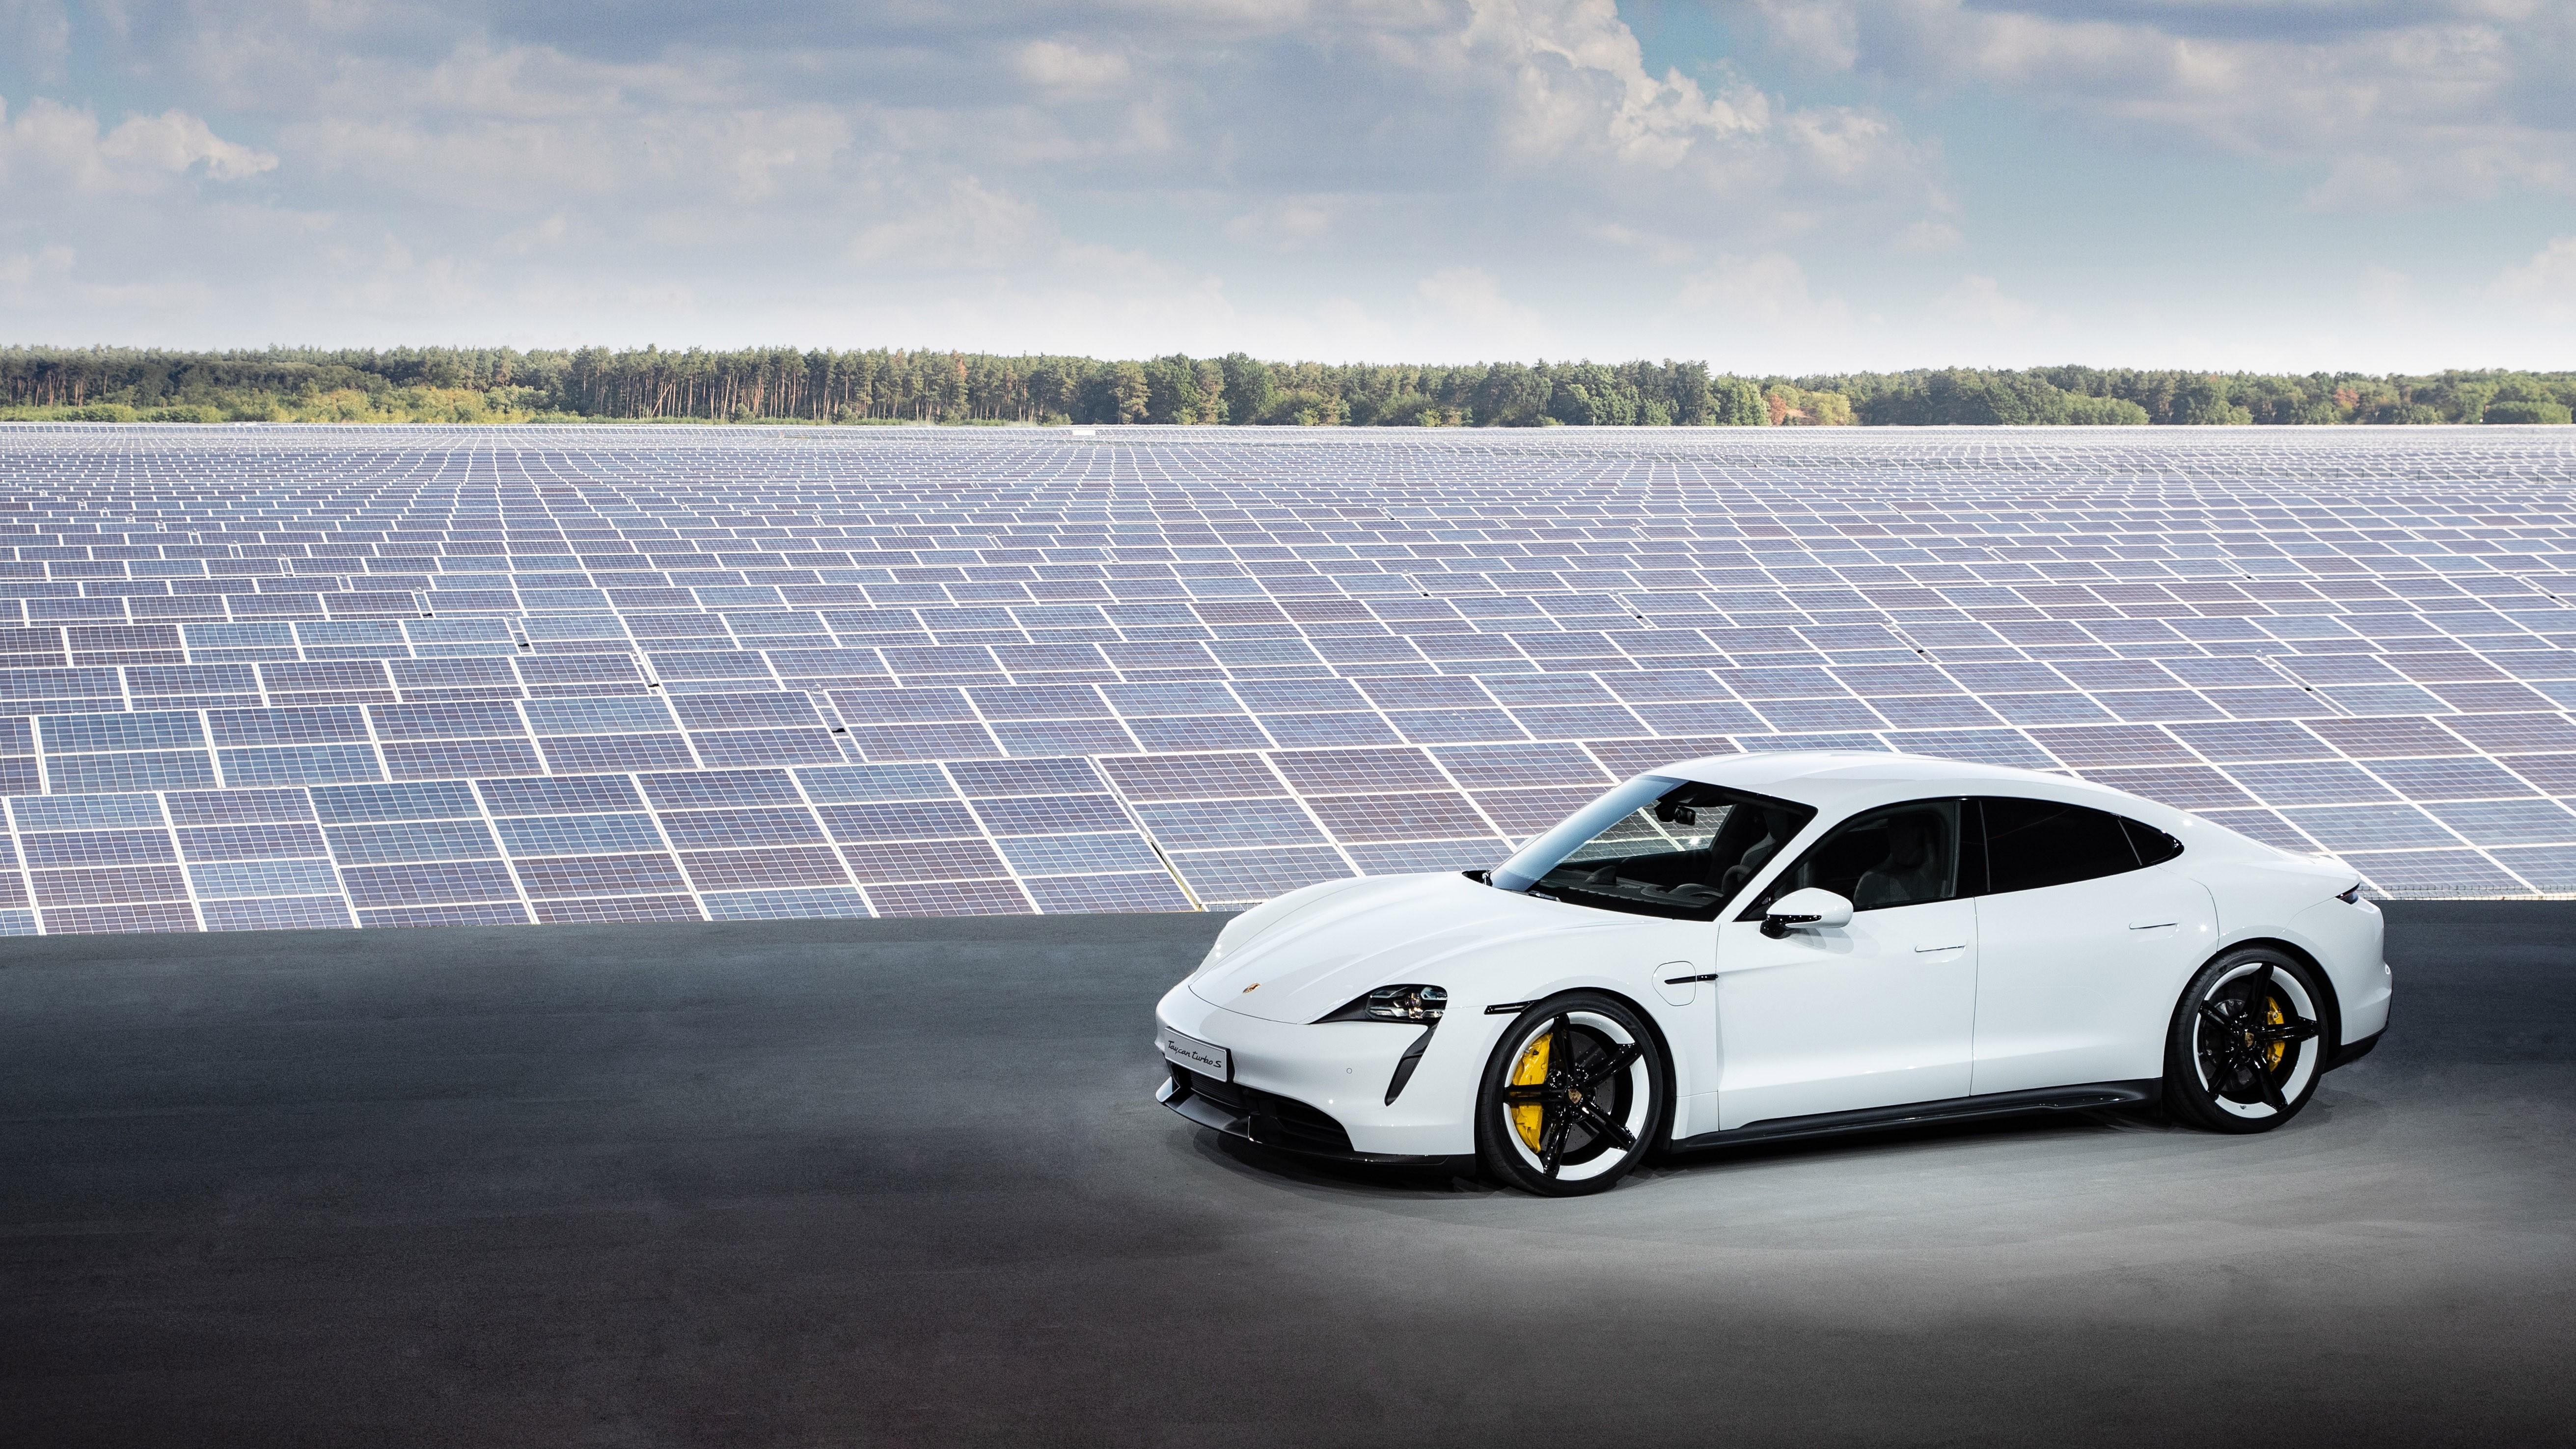 Porsche Taycan lancia la sfida ad alta tensione – Il Ruggito